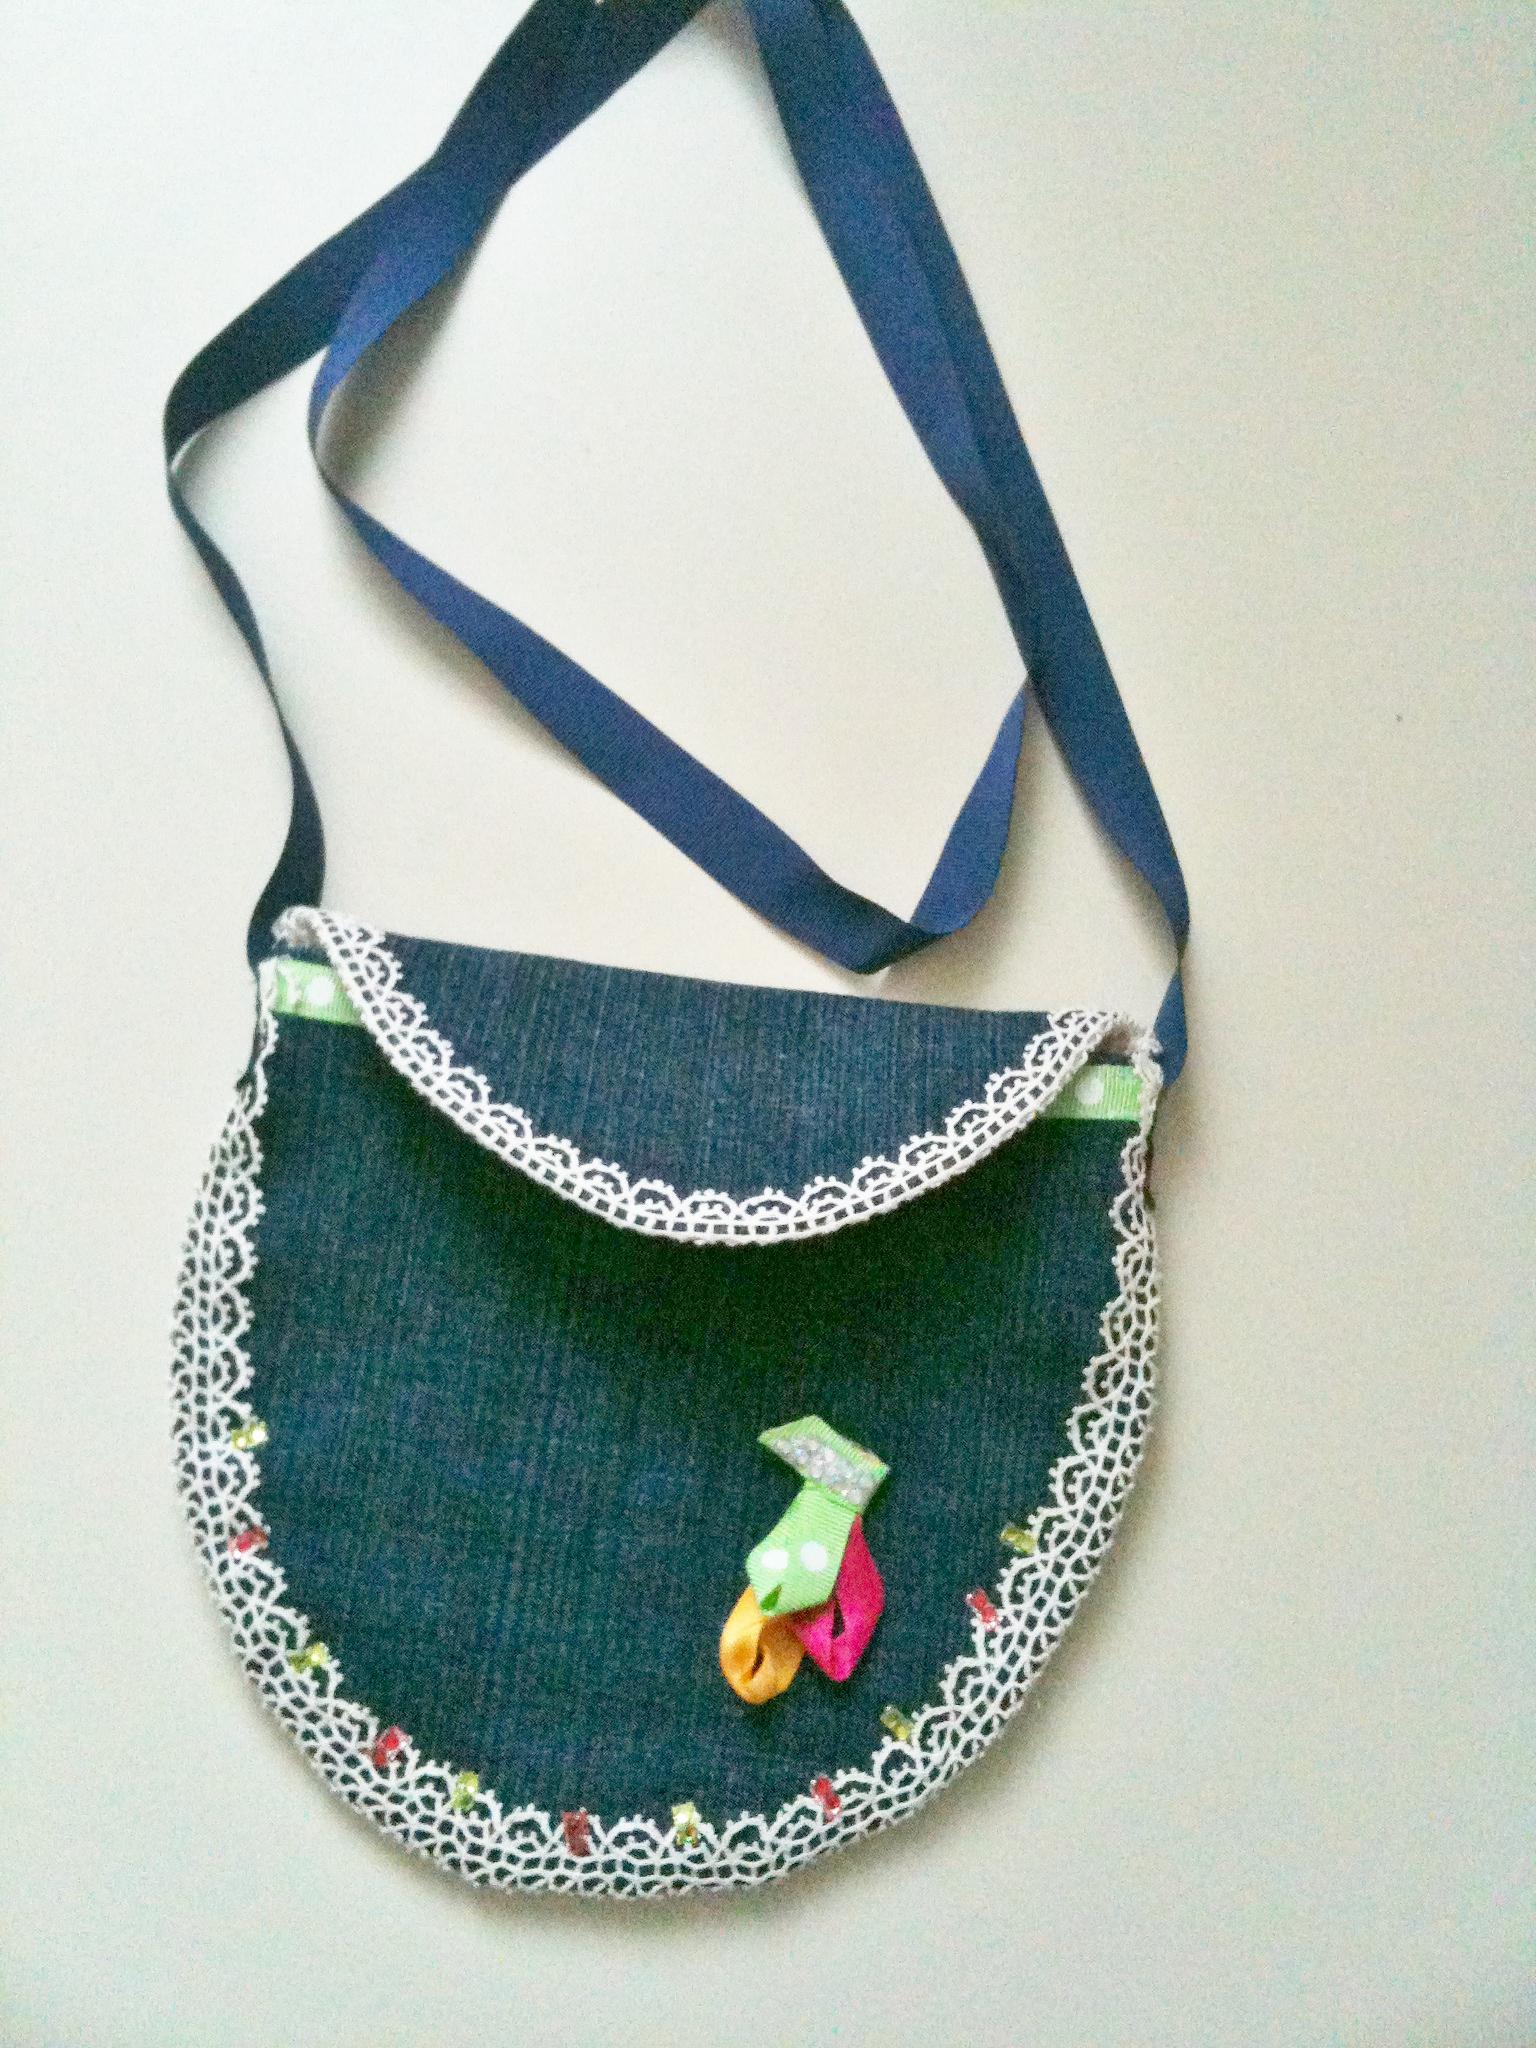 Petite pochette, jean foncé bleu, ovale, doublée fond blanc et petites fleurs colorées, décor dentelle strass et ruban.